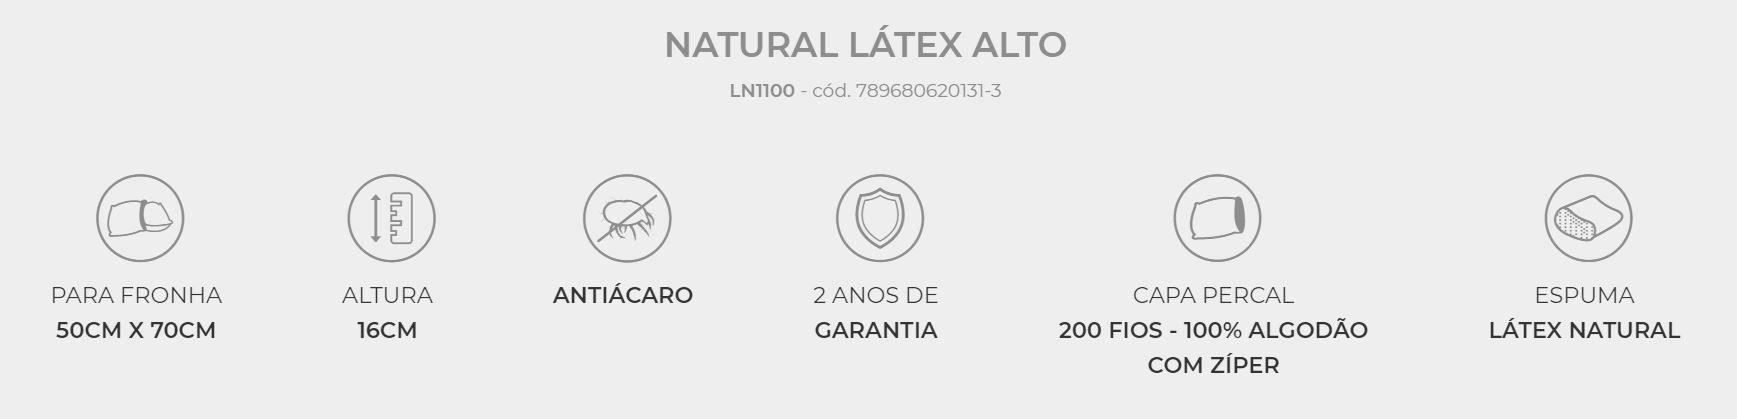 Travesseiro Natural Latex Alto Duoflex